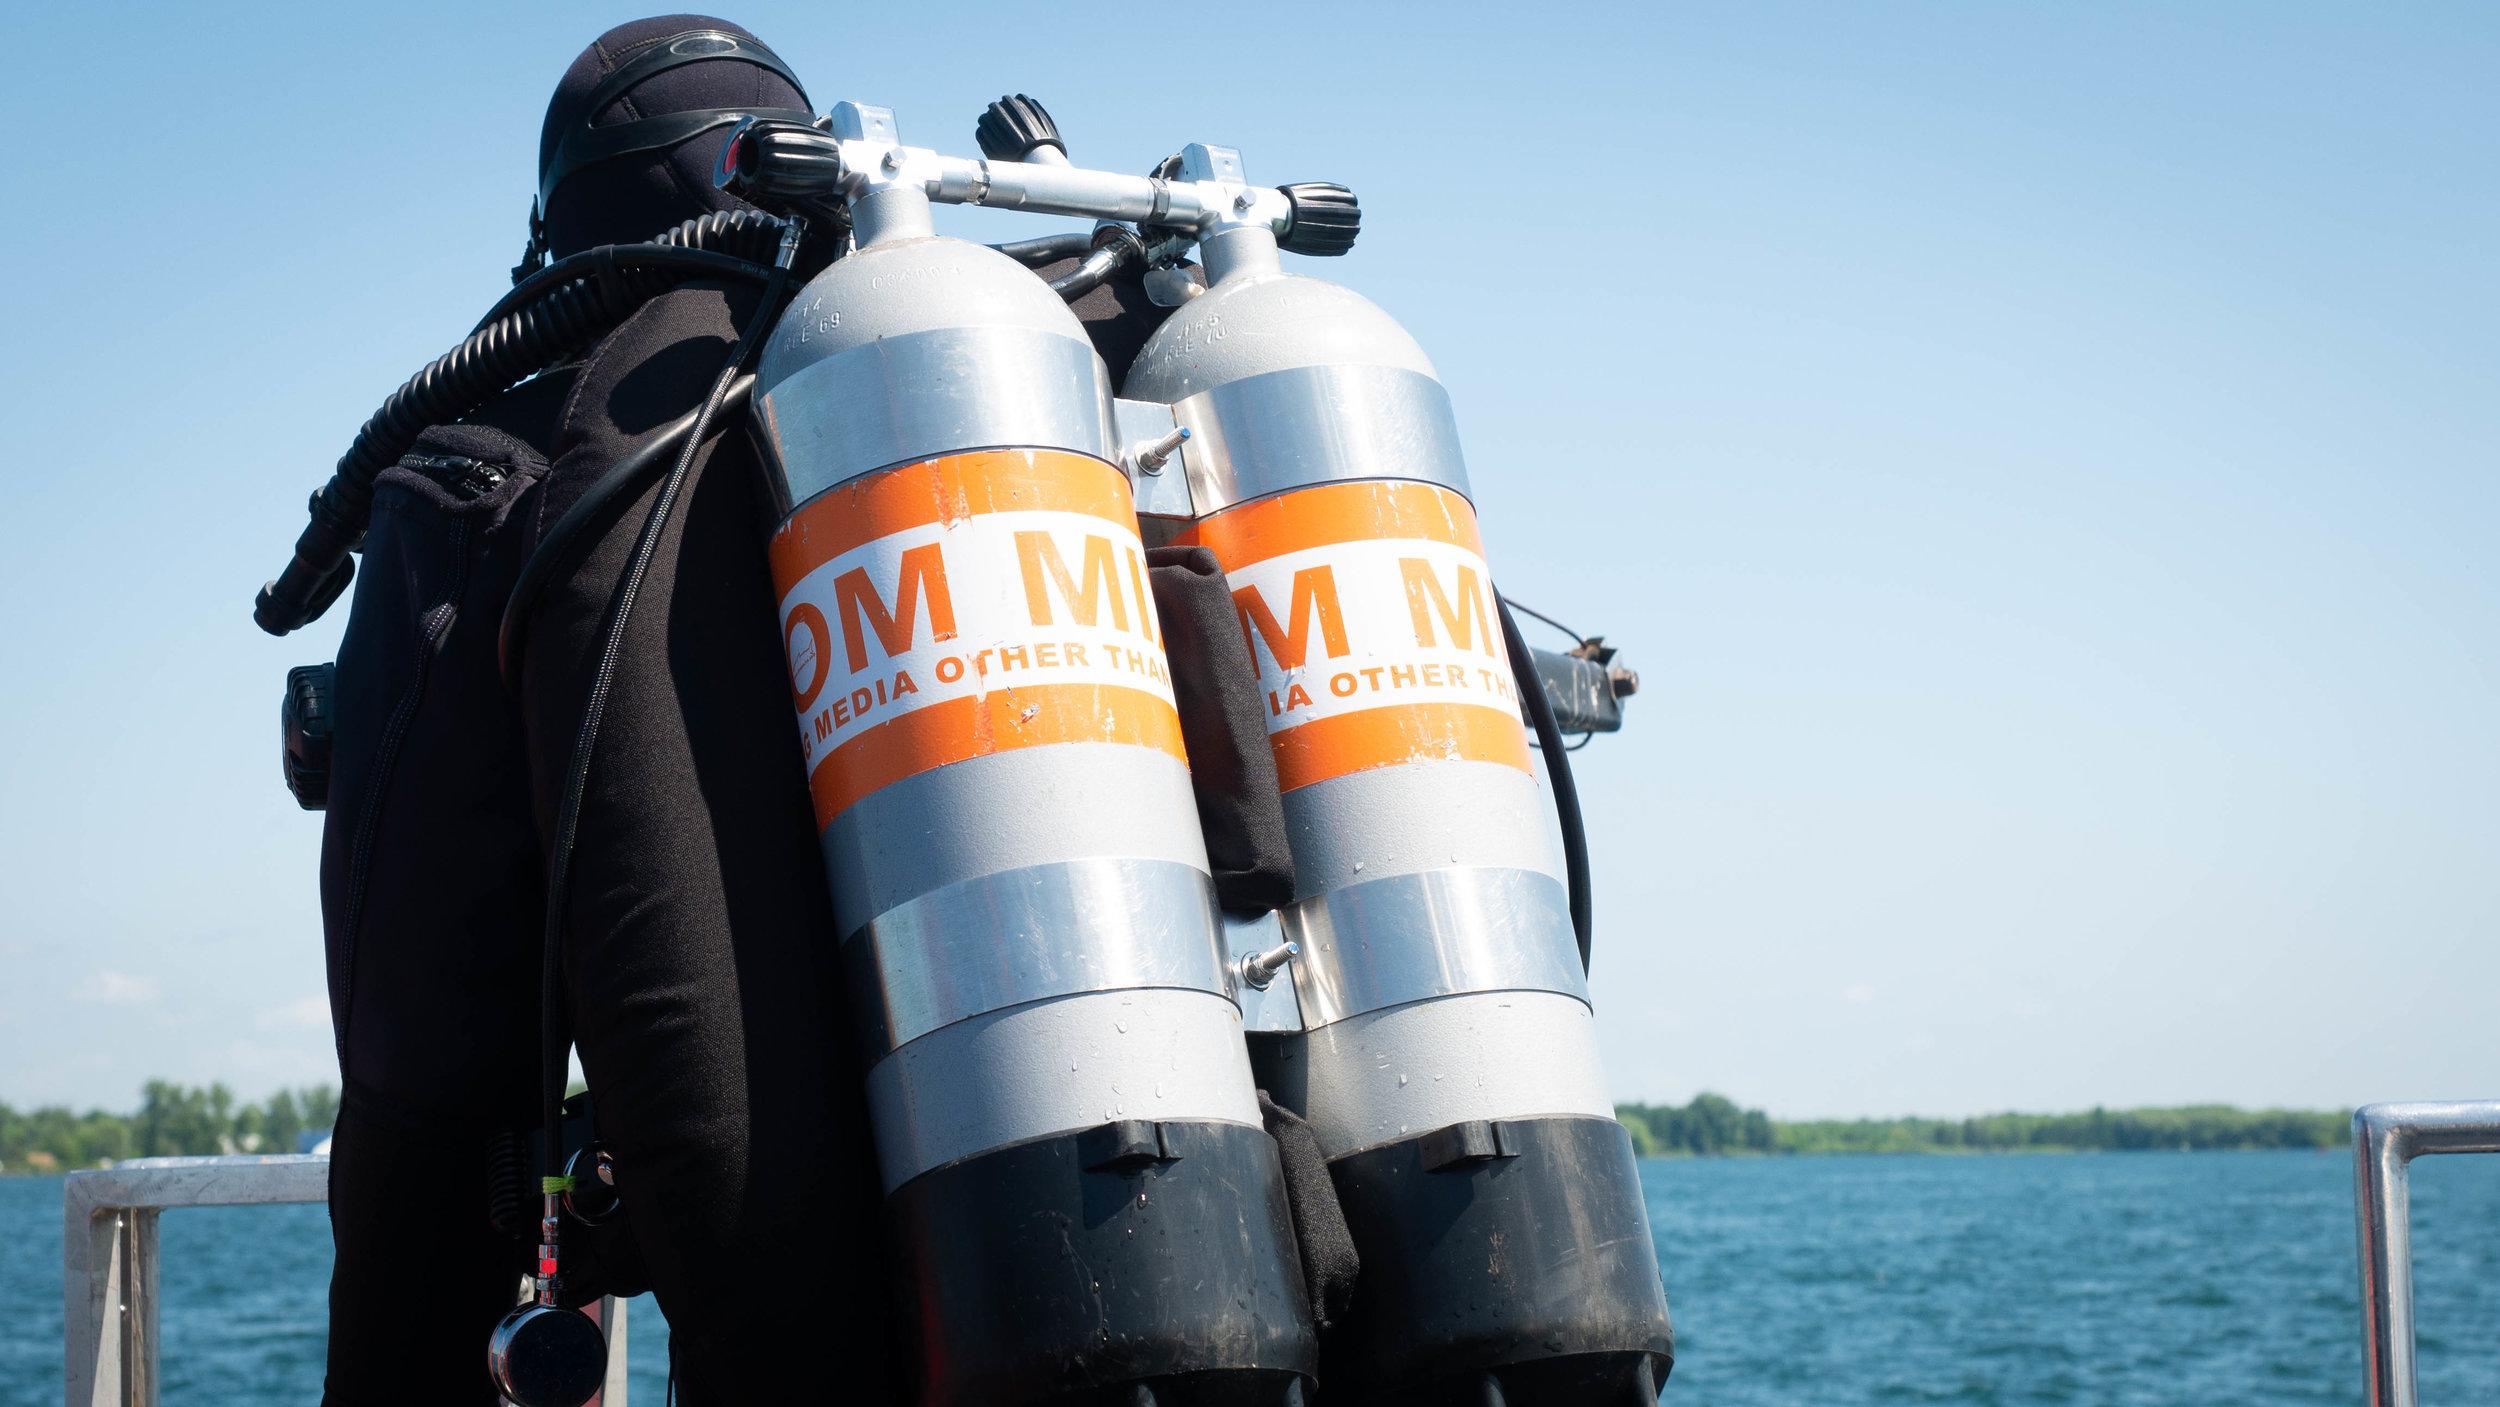 O2ToGo Centre de Plongée - Vous pouvez trouvez toute votre équipment de plongée puit même apprendre à faire la plongée à O2ToGo, une centre de plongée locale. Ils vendent de l'équipment de débutants jusqu'à de niveau professionels, et aussi de l'équipment pour la plongée en apnée